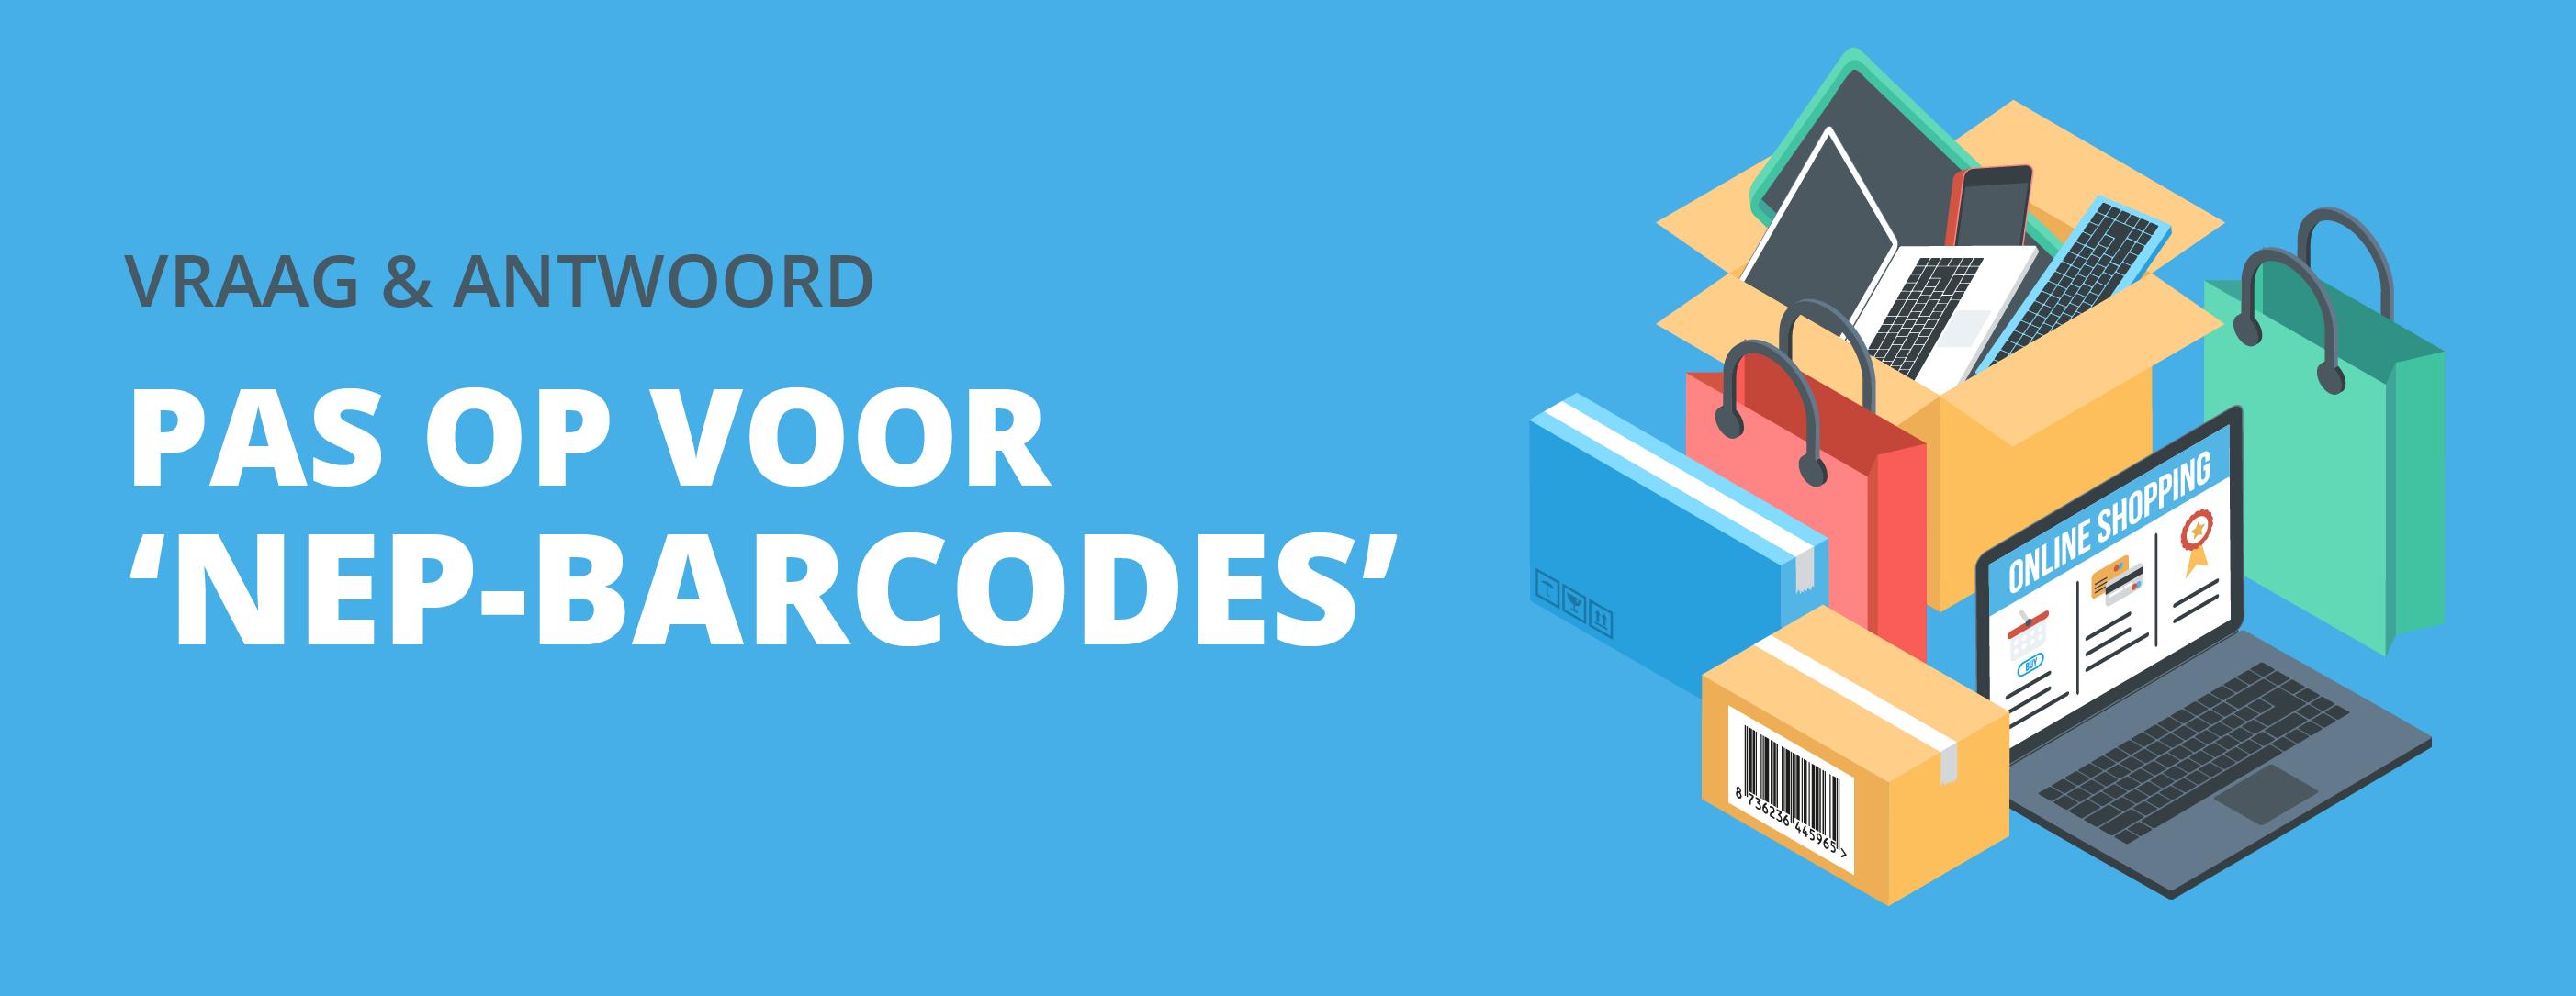 Pas op voor 'nep-barcodes'